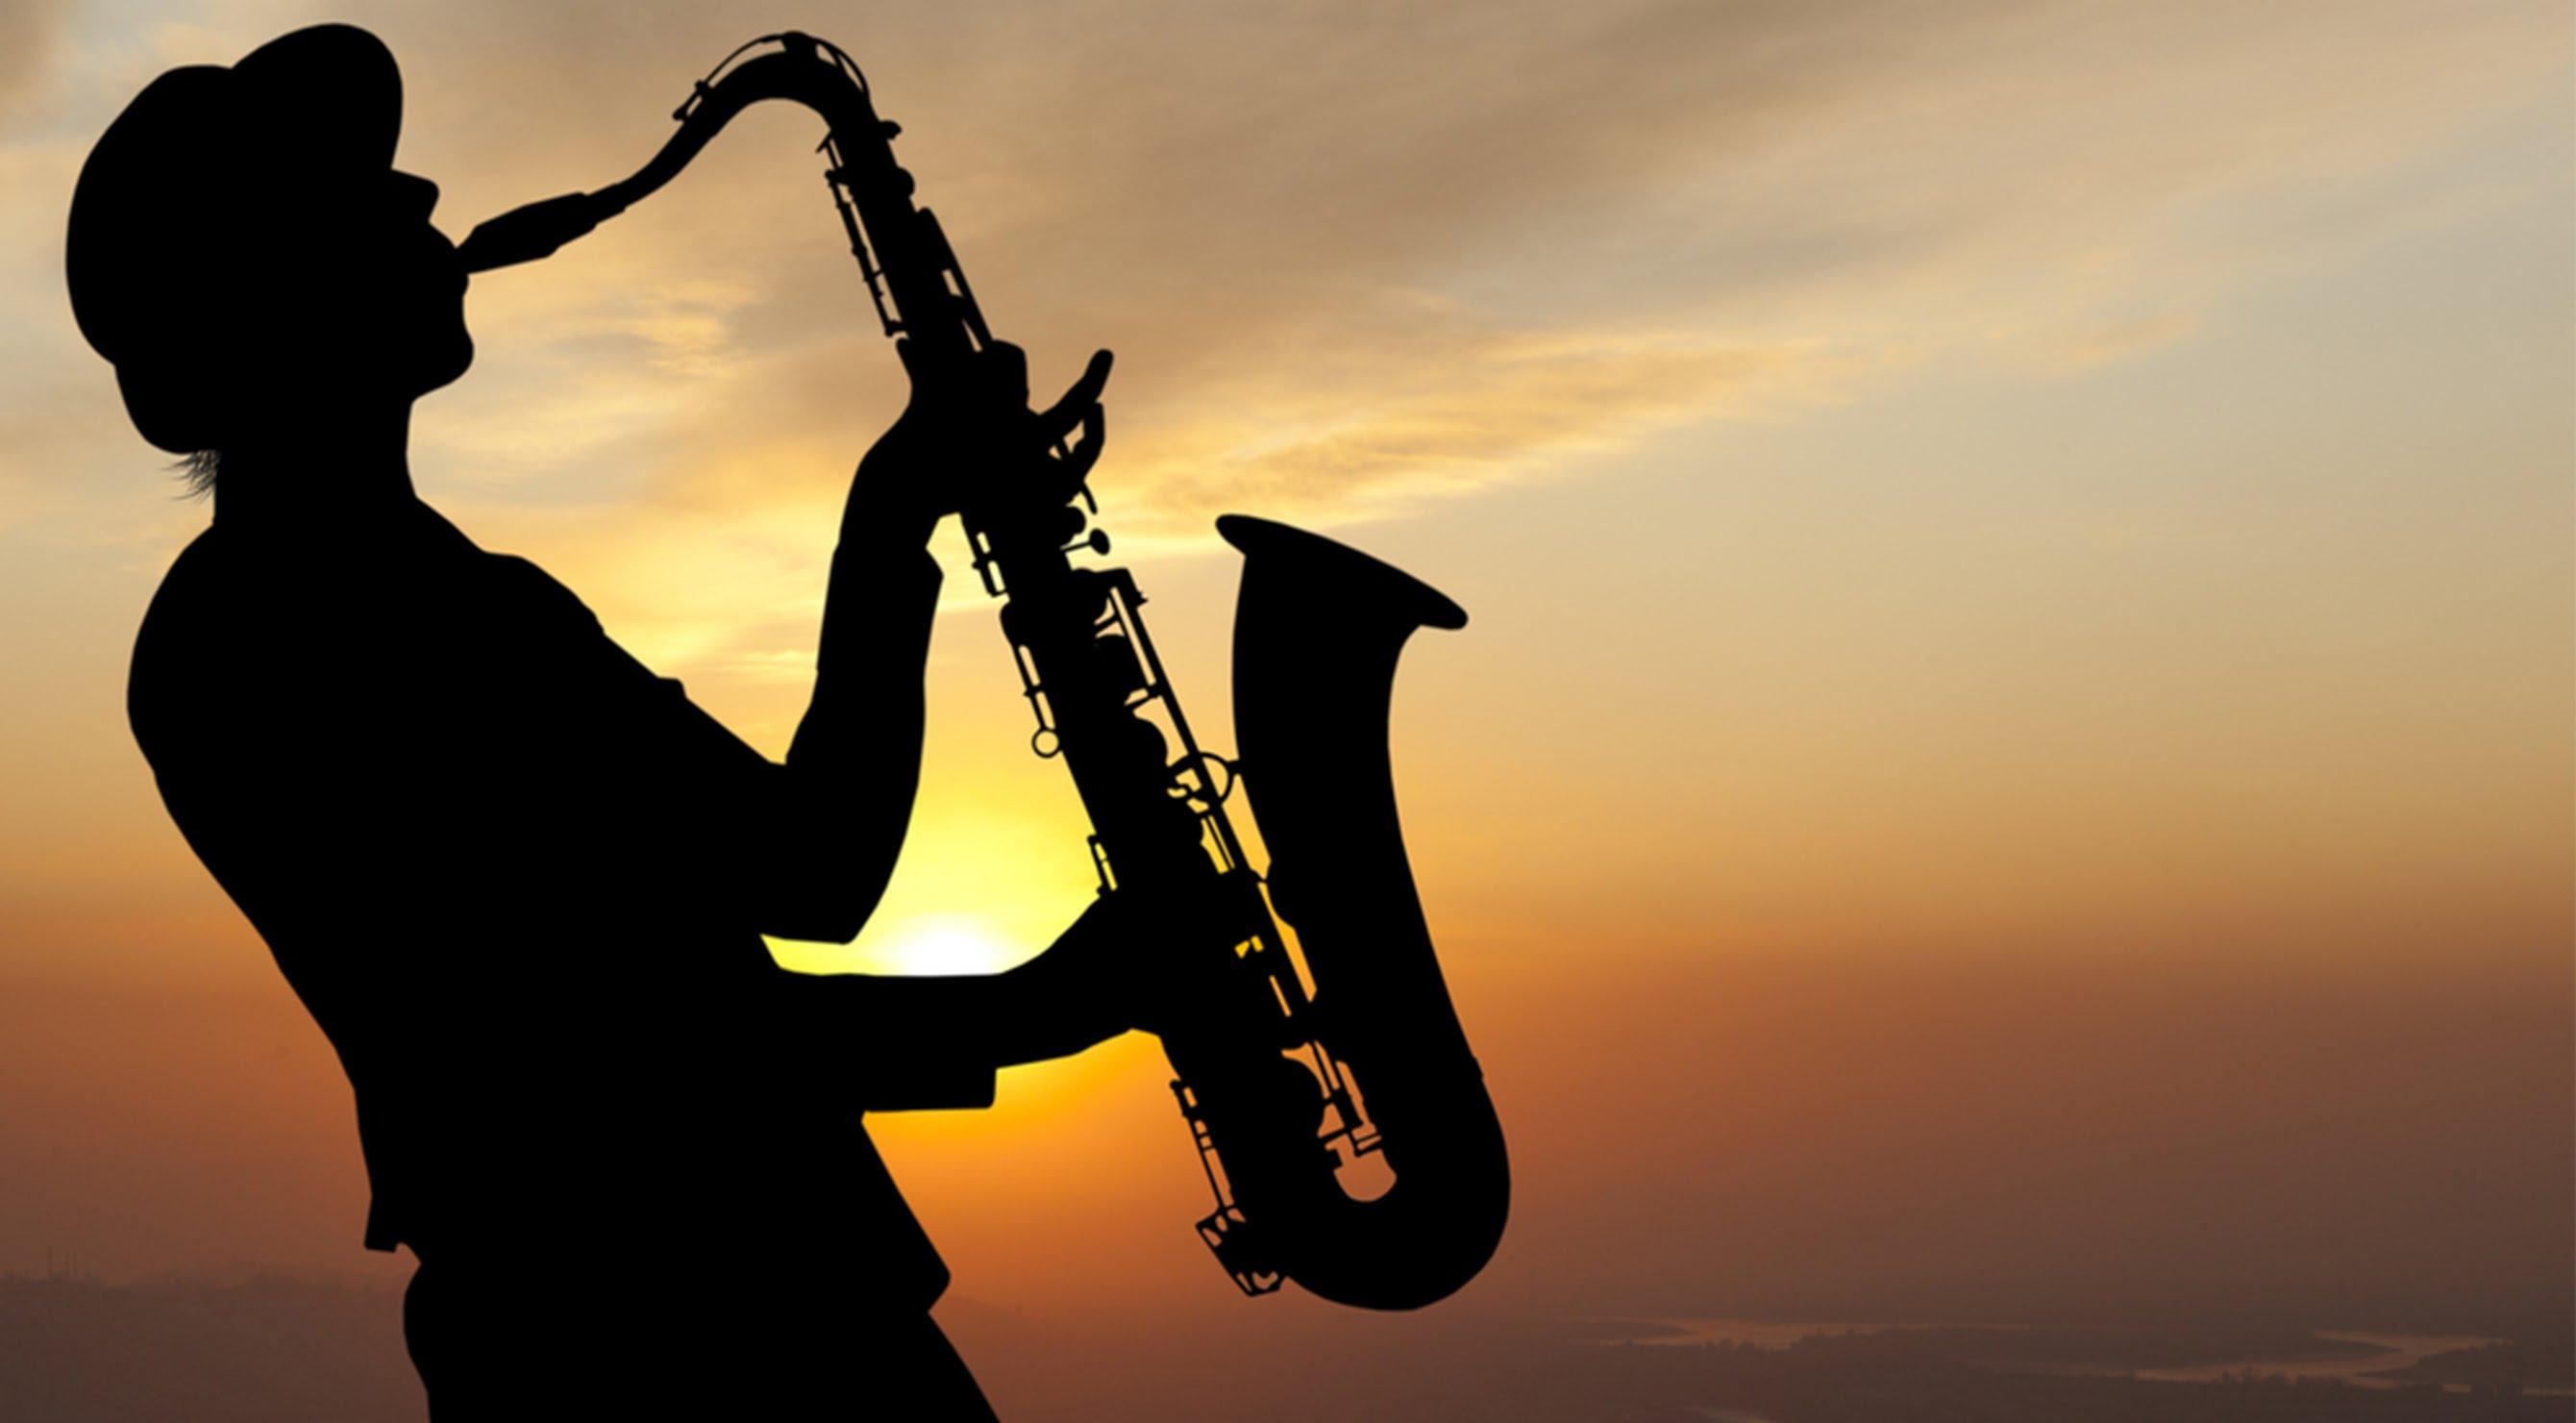 Saxophone Backgrounds, Compatible - PC, Mobile, Gadgets  2680x1480 px